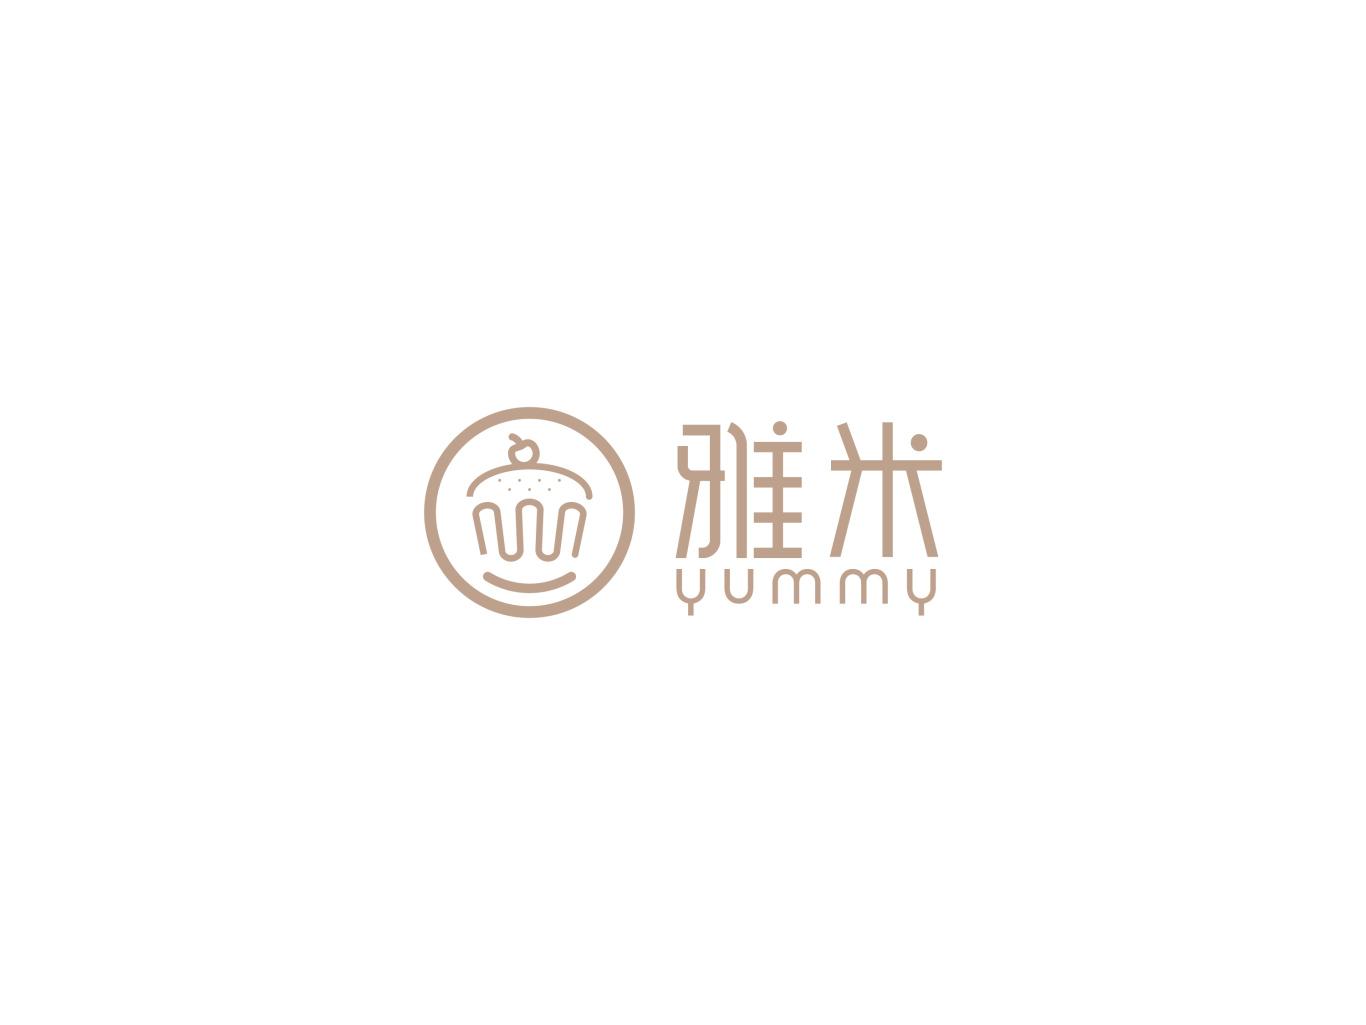 雅米logo设计图1